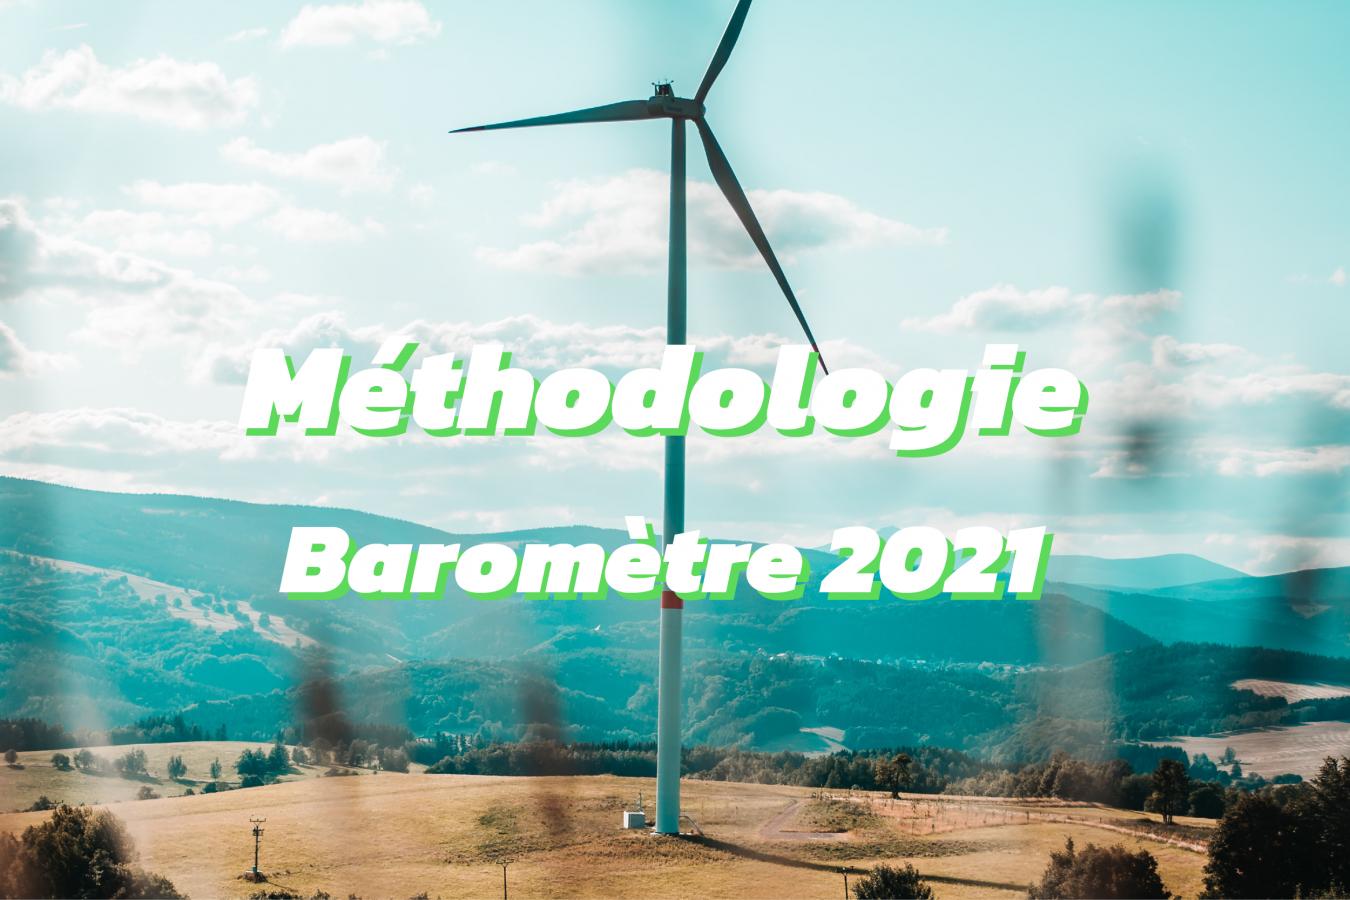 méthodologie de calcul baromètre 2021